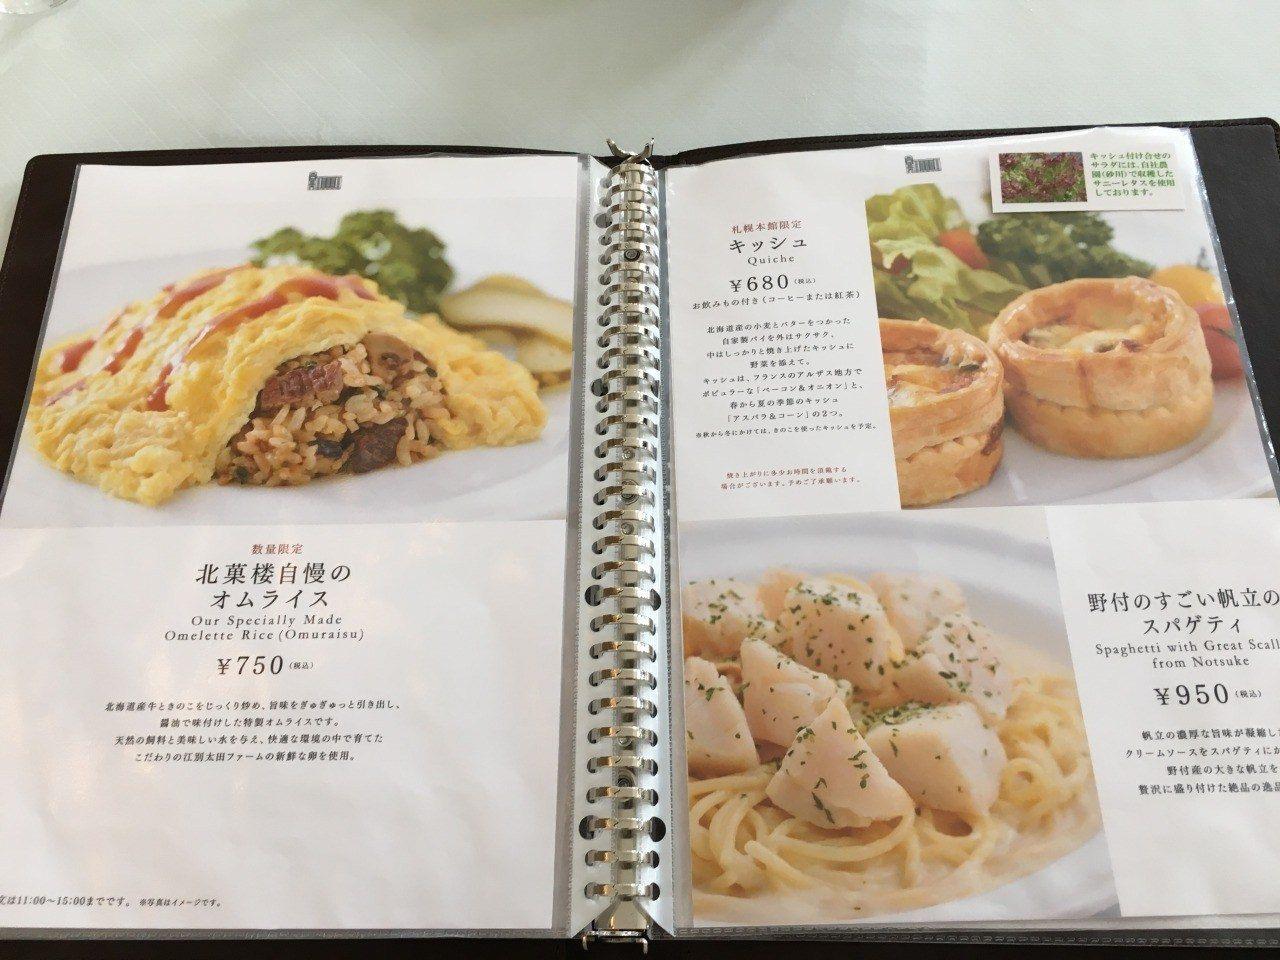 Kitakaro's Special Omelet Rice (750 yen)